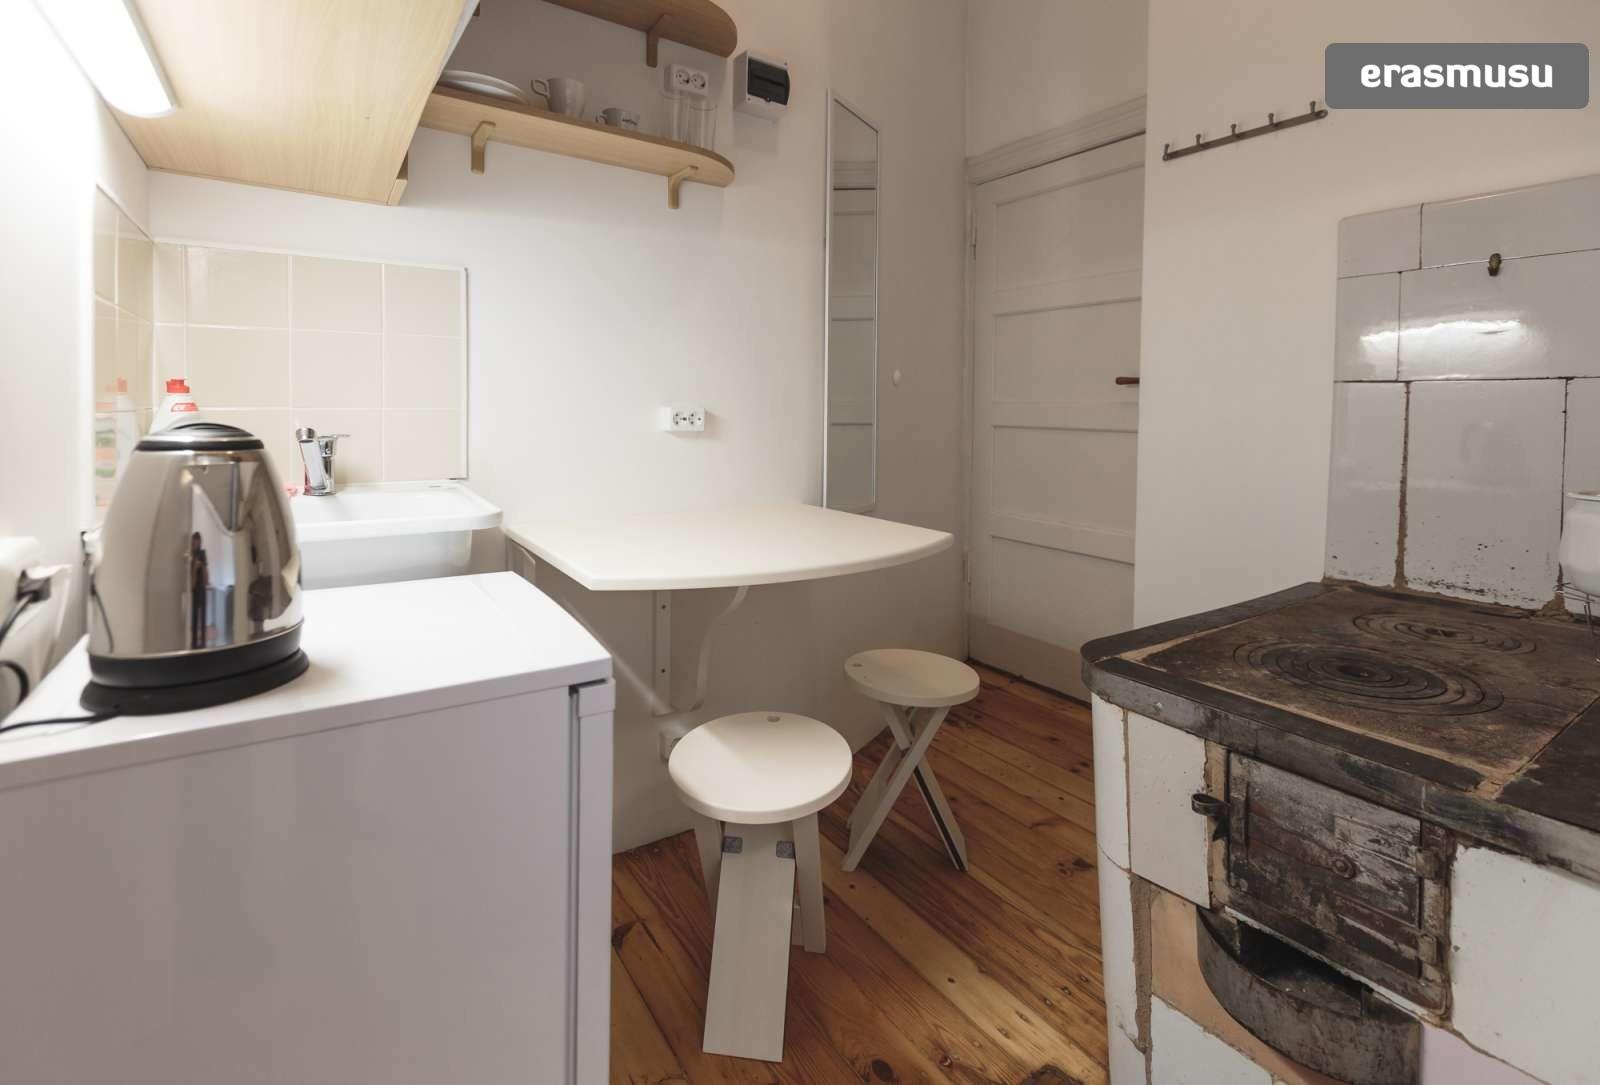 stylish-studio-apartment-rent-agenskalns-pet-friendly-2782005bae